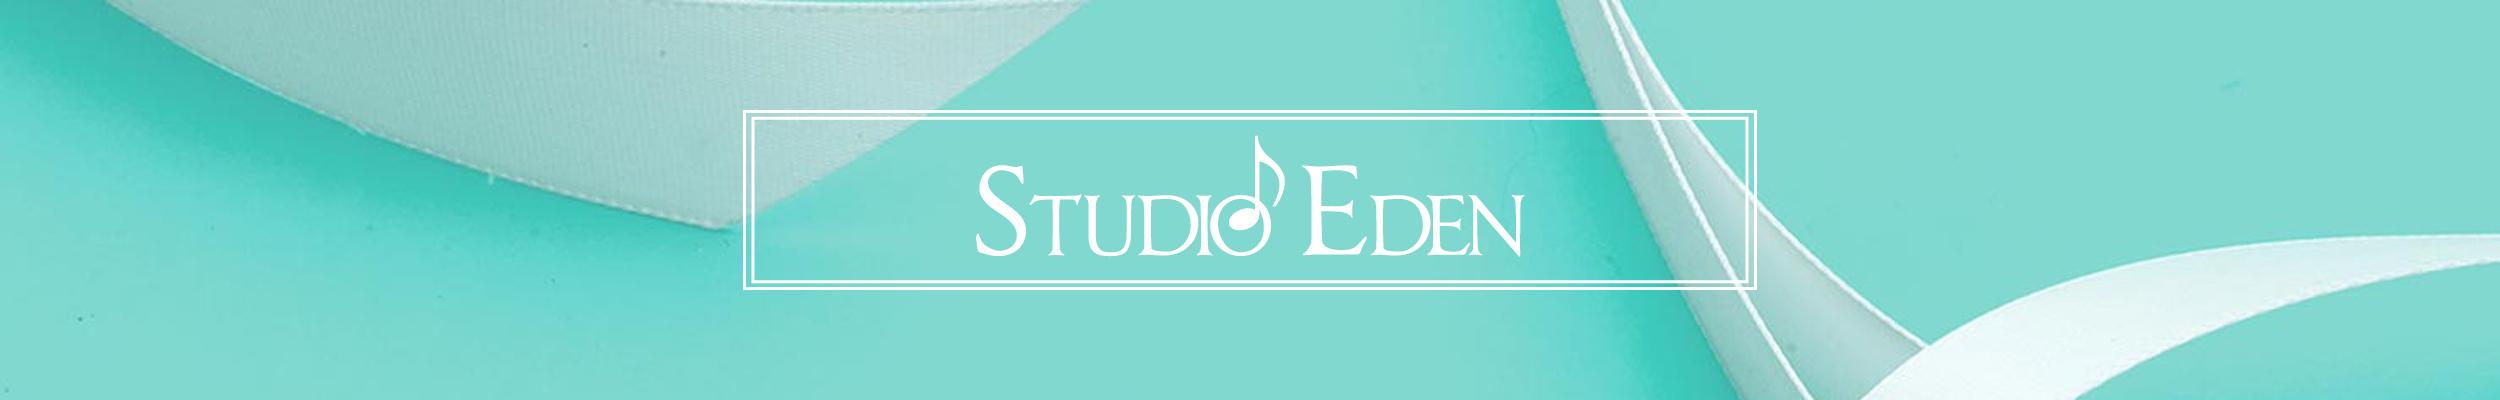 STUDIO EDEN INC.